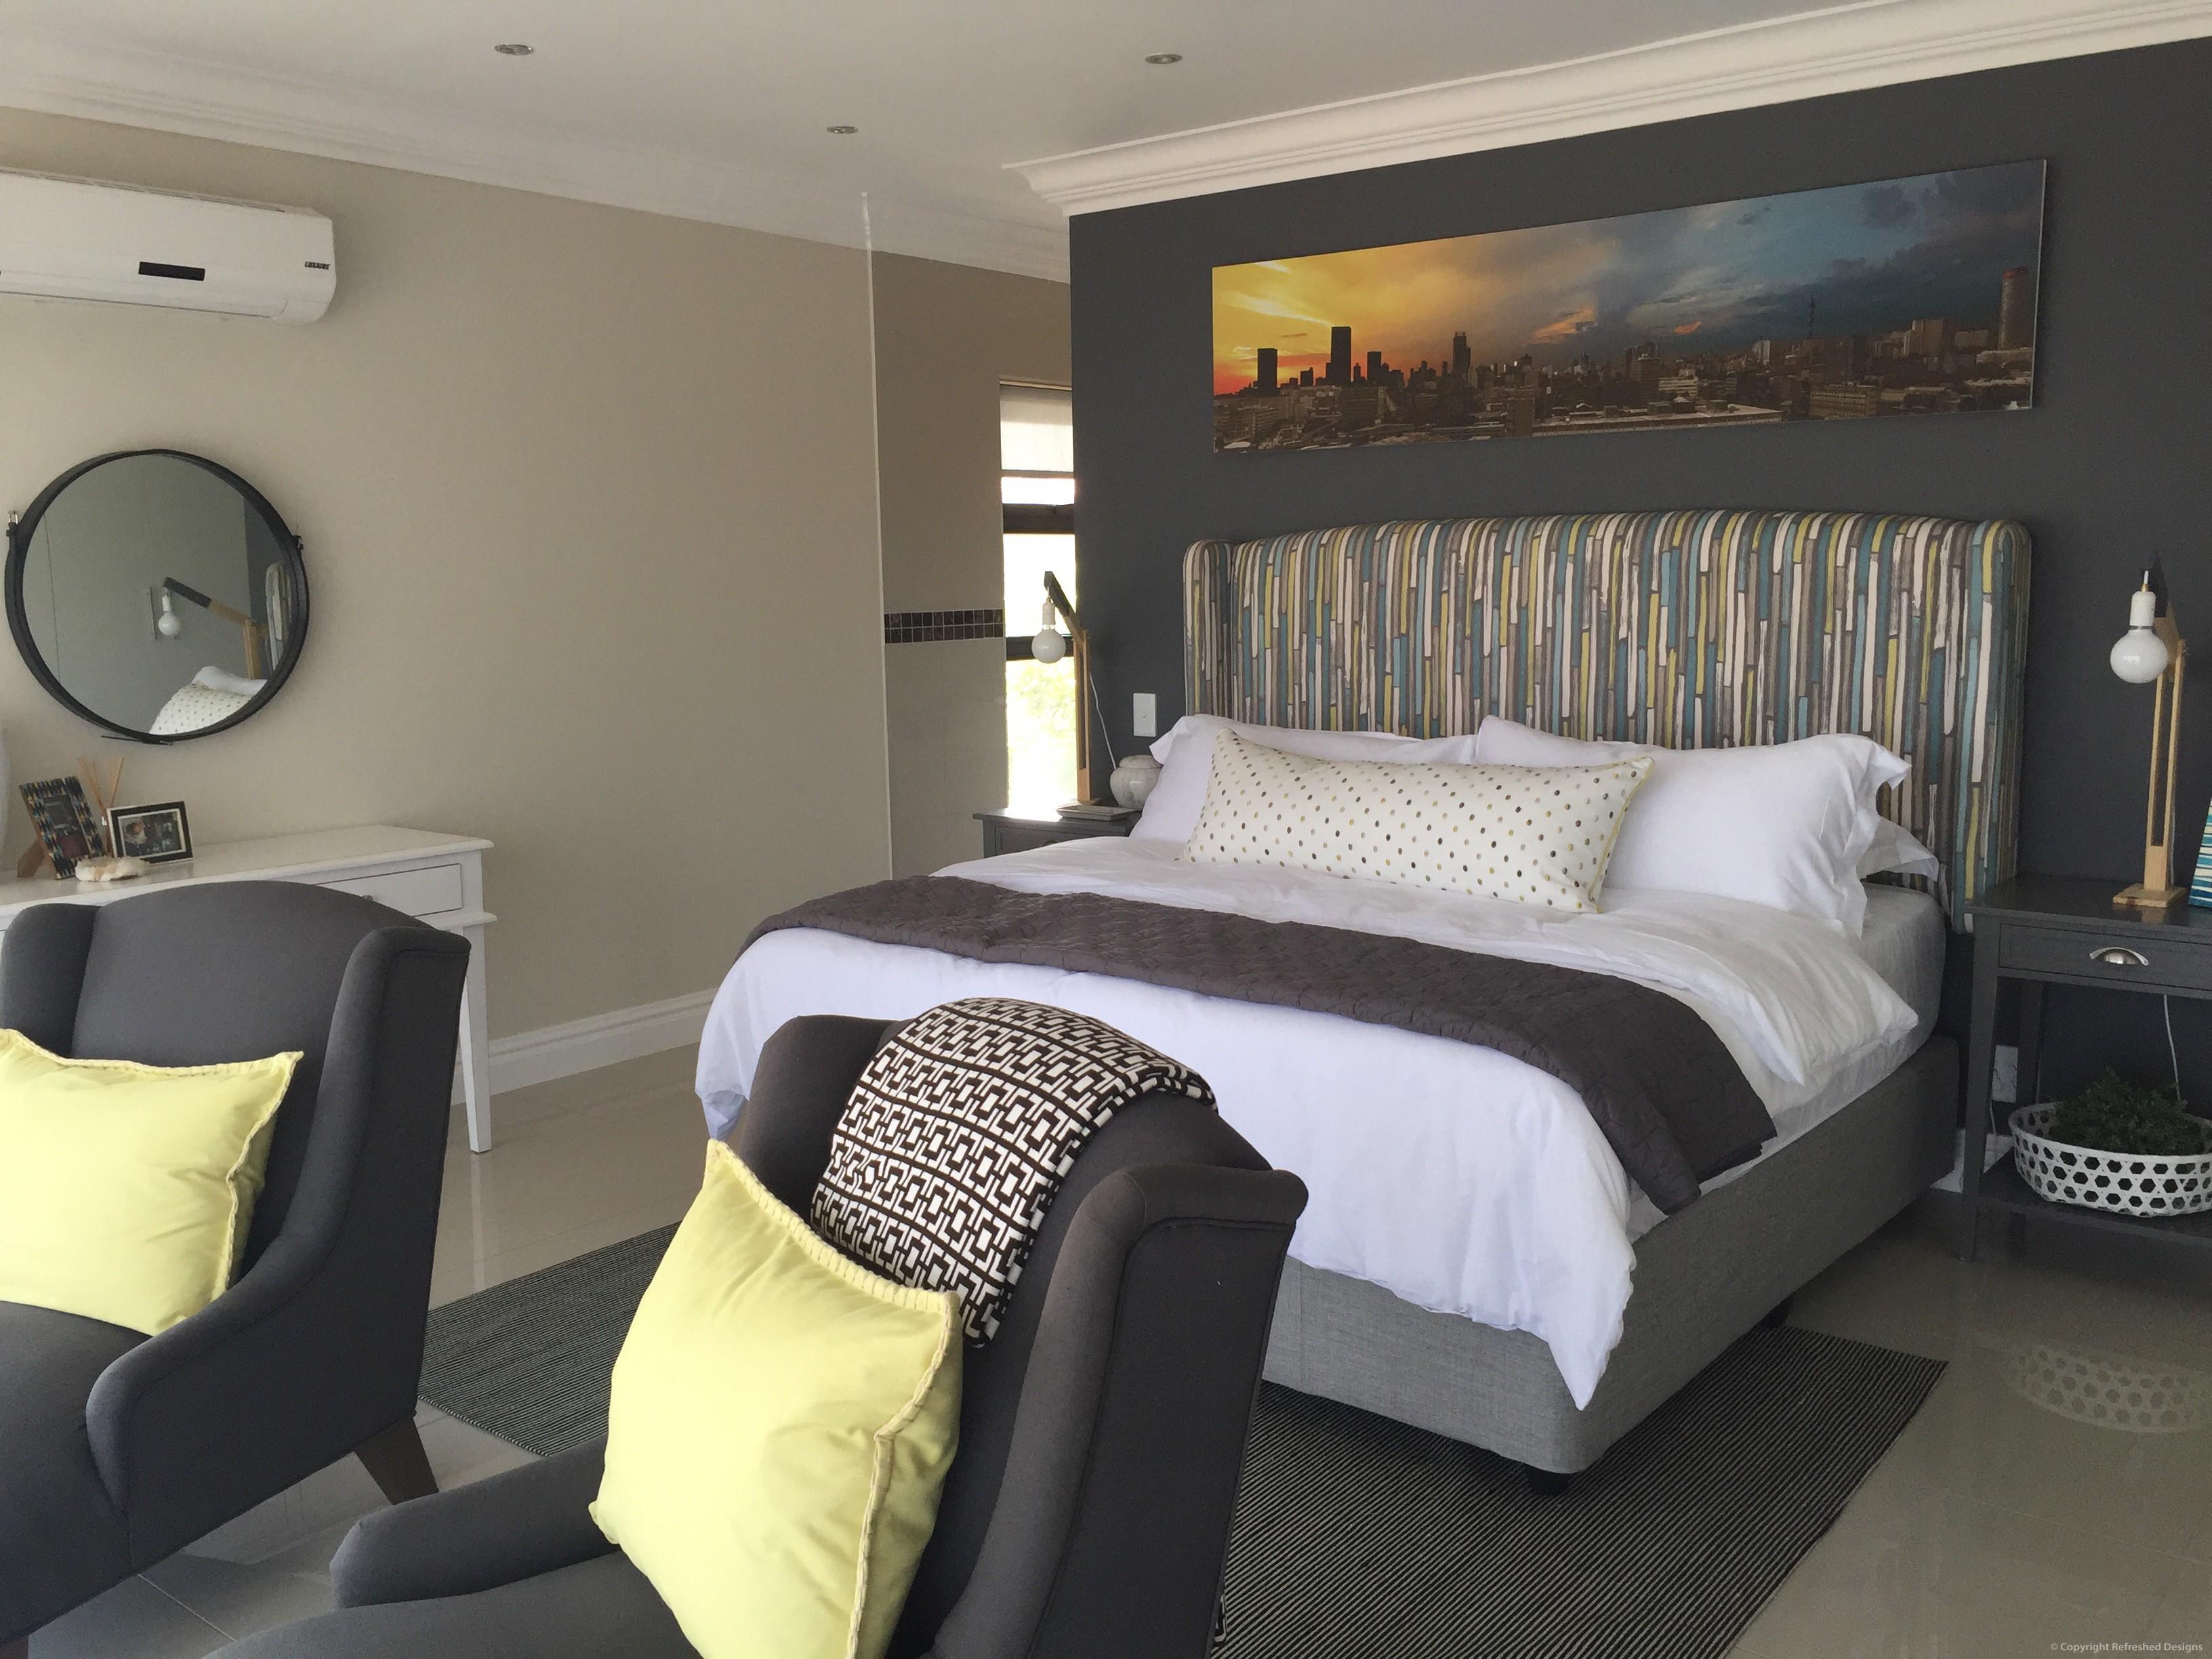 Refreshed DesignsRefreshed Designs, Interior decor, furniture, Bedroom, bedside lamps, headboard